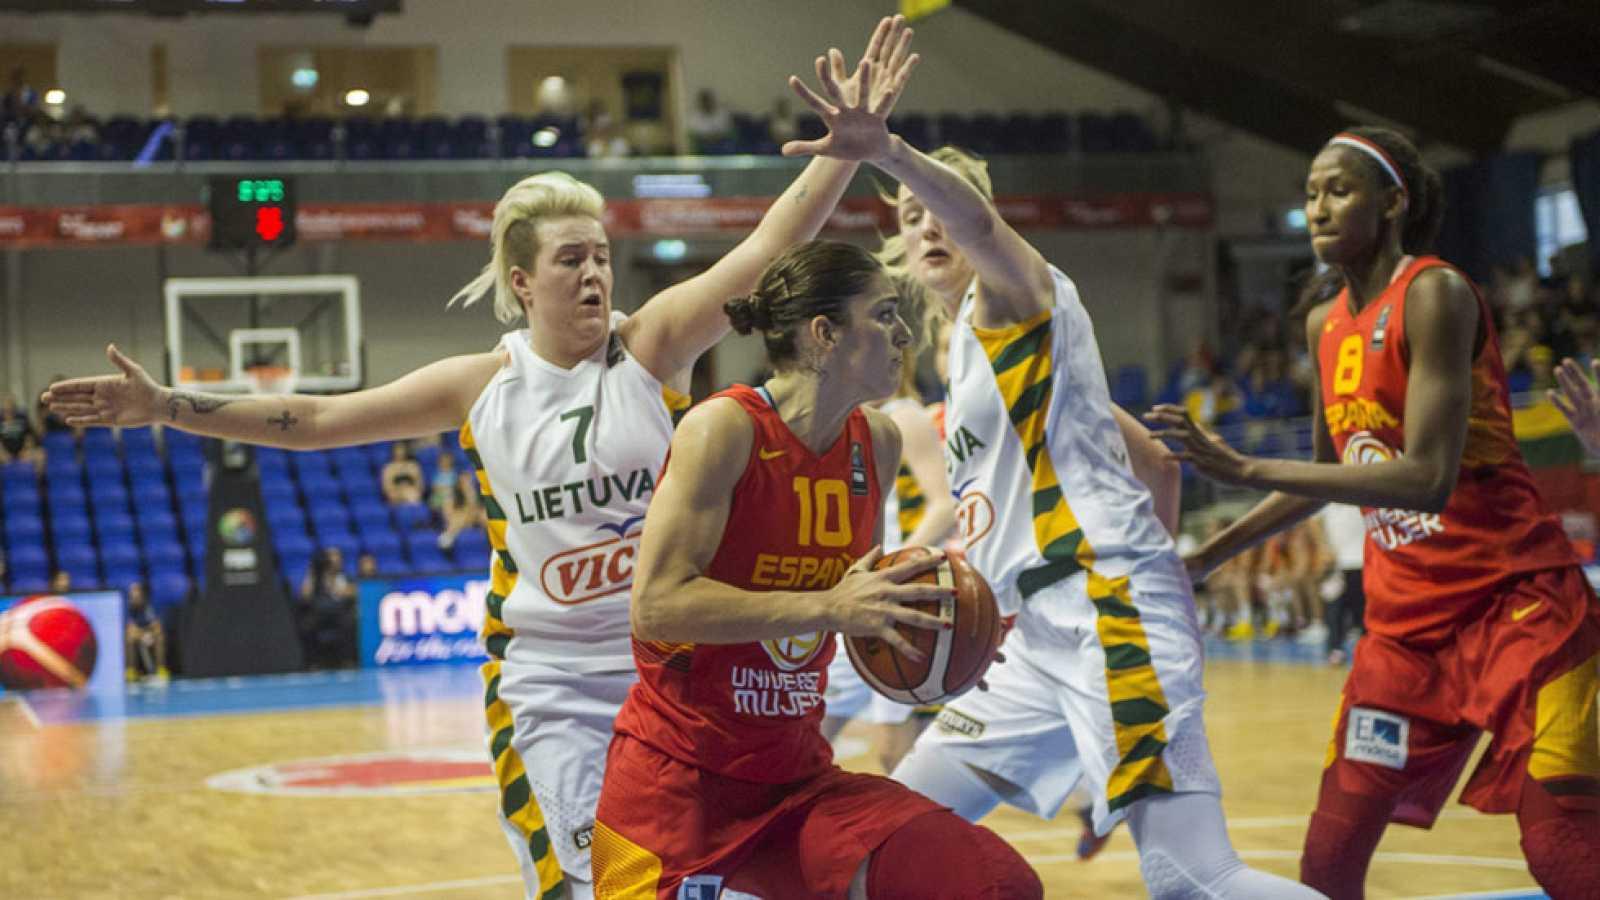 La selección española de baloncesto femenino ha comenzado con victoria su camino para revalidar el título de campeonas de Europa. Las chicas de Lucas Mondelo se han impuesto 58-72 a Lituania en el Eurobasket de Hungría y Rumanía.